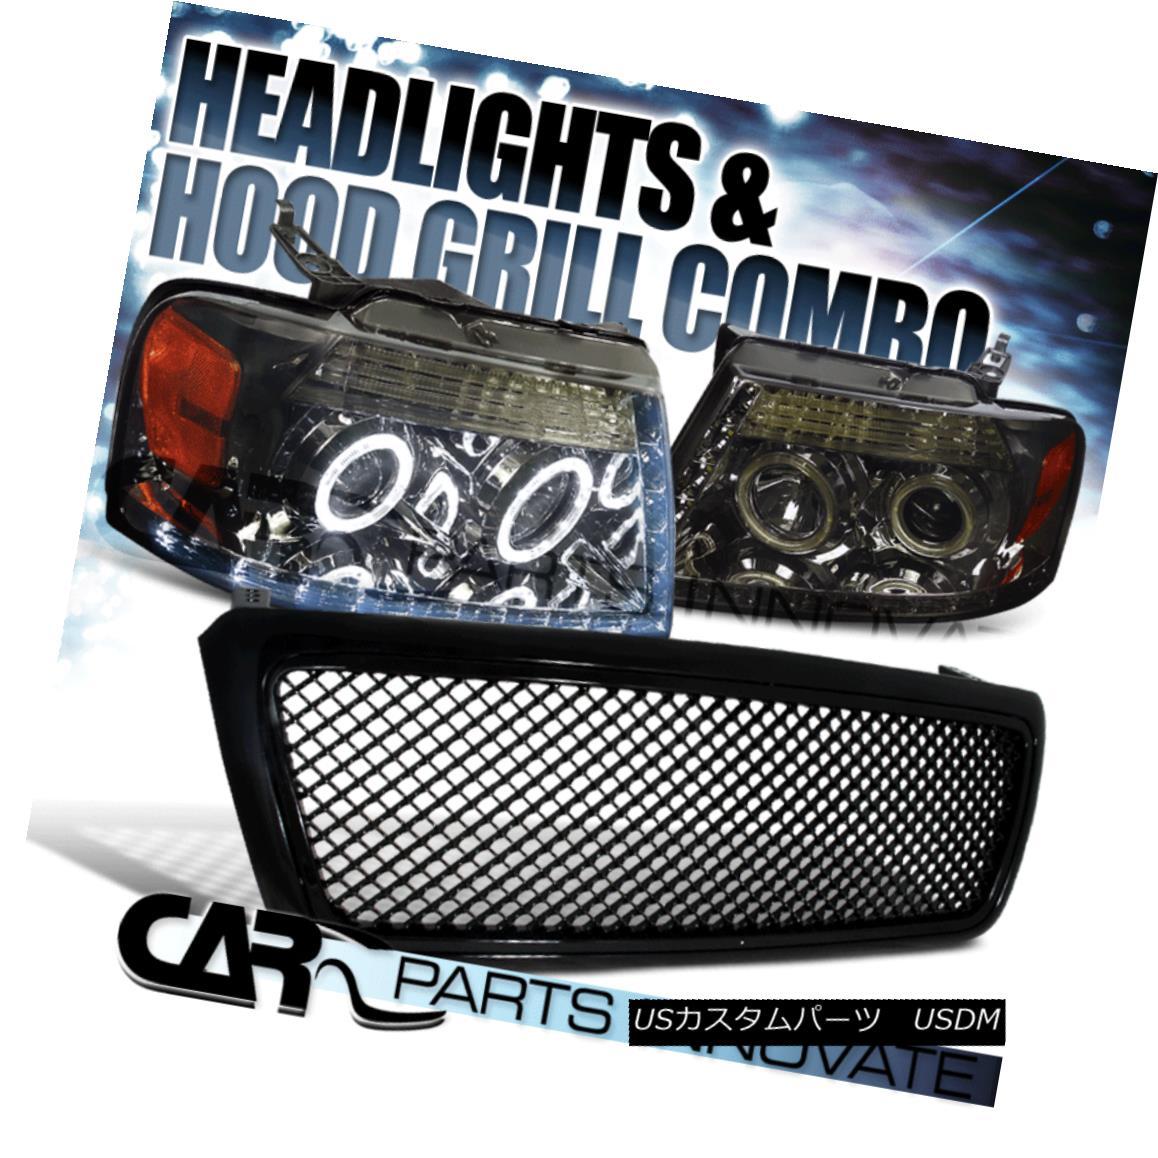 グリル 2004-2008 Ford F150 Smoke Halo LED Projector Headlights+Black ABS Mesh Grille 2004-2008フォードF150スモークハローLEDプロジェクターヘッドライト+ Bla ck ABSメッシュグリル